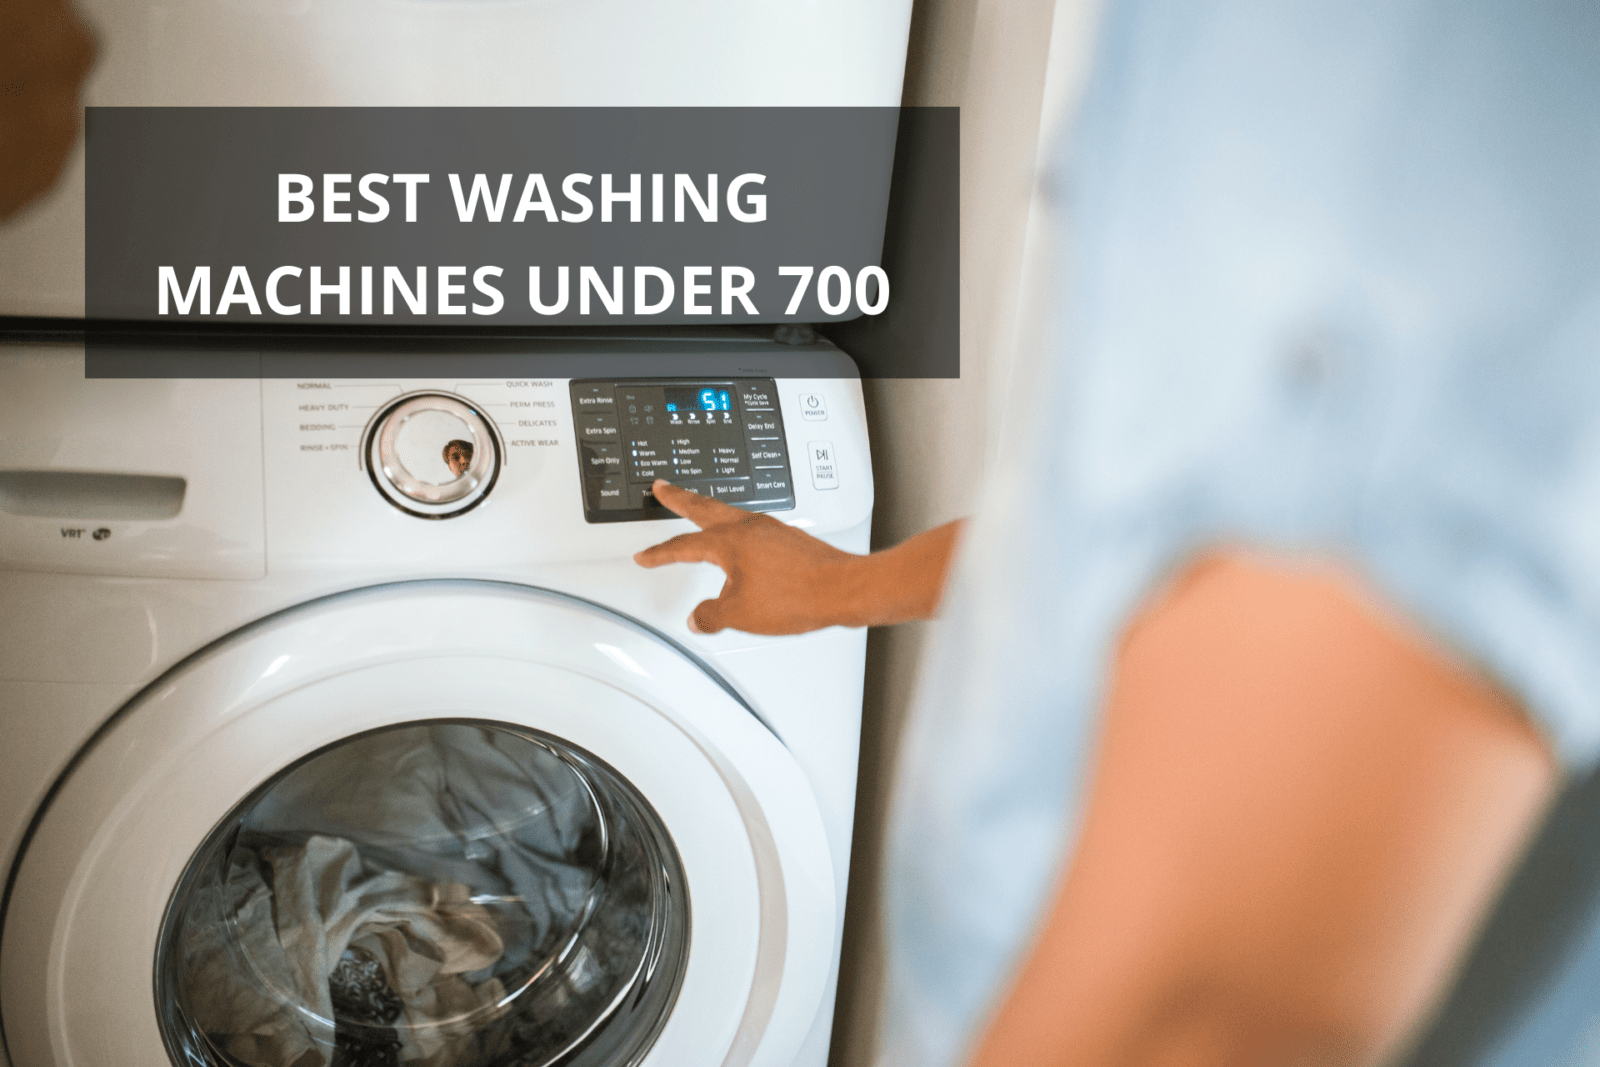 best washing machine in 700